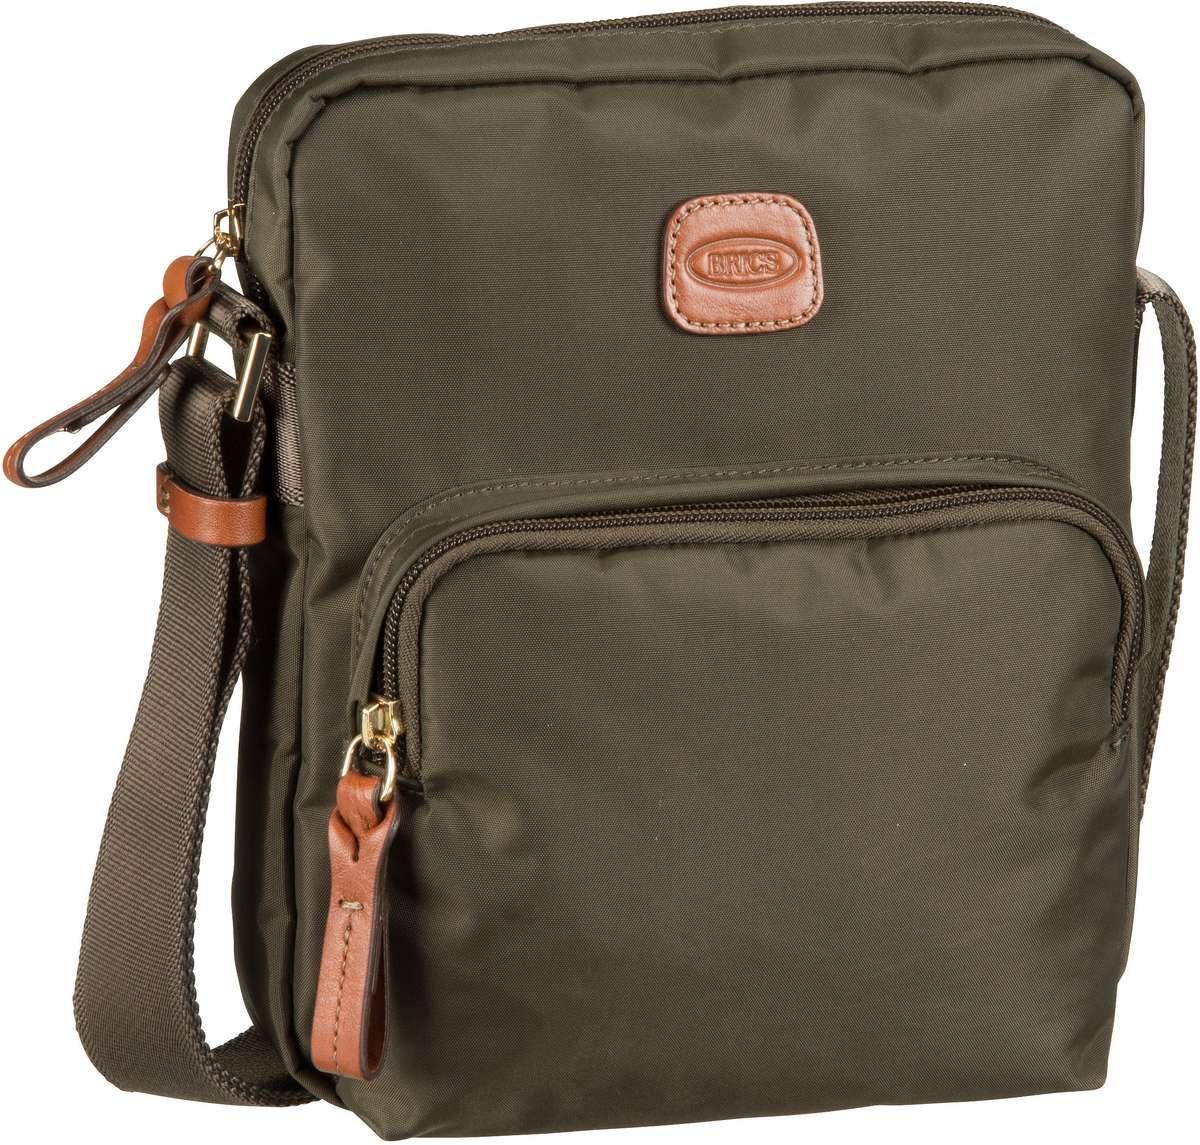 's Umhängetasche X-Bag Umhängetasche 42742 Oliva